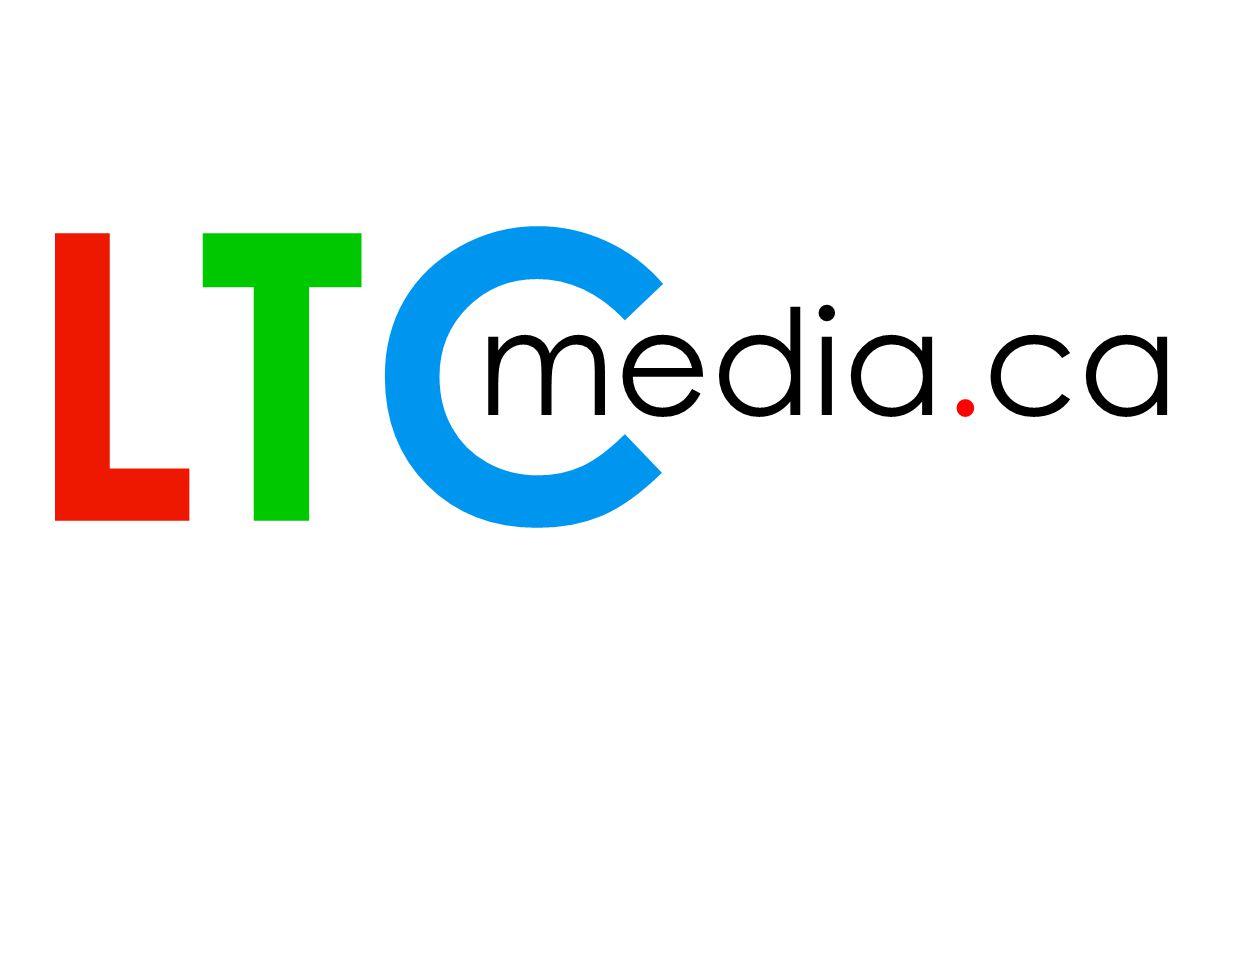 LTCLTC